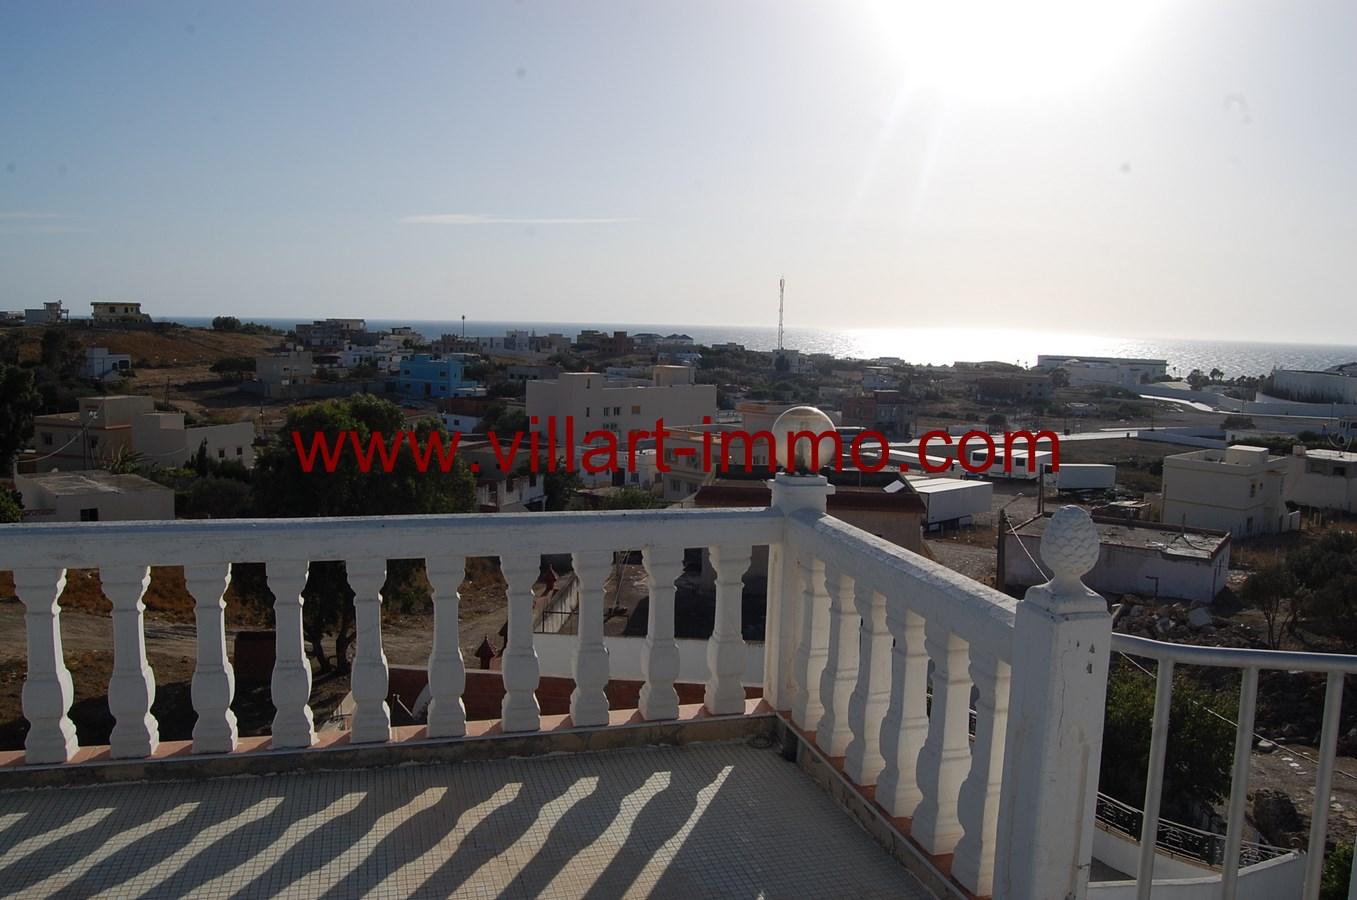 10-vente-maison-tanger-jbilat-terrasse-2-vm408-villart-immo